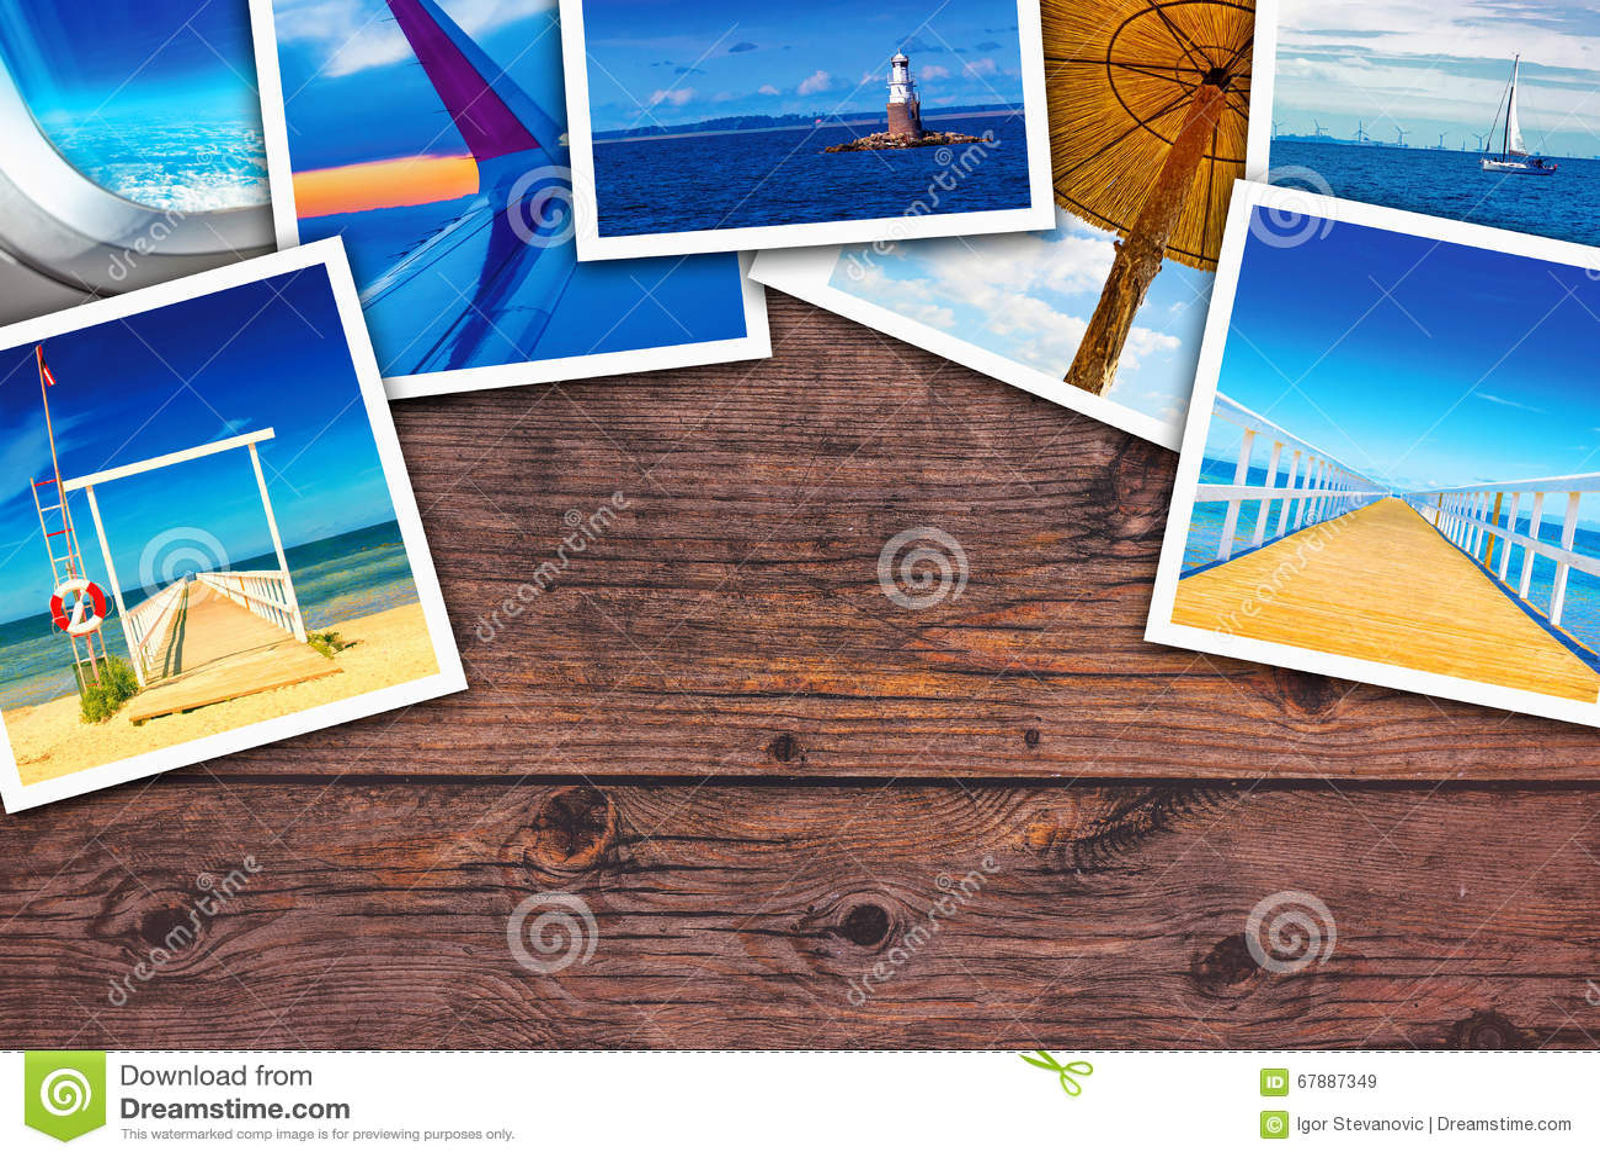 海边照片拼贴画